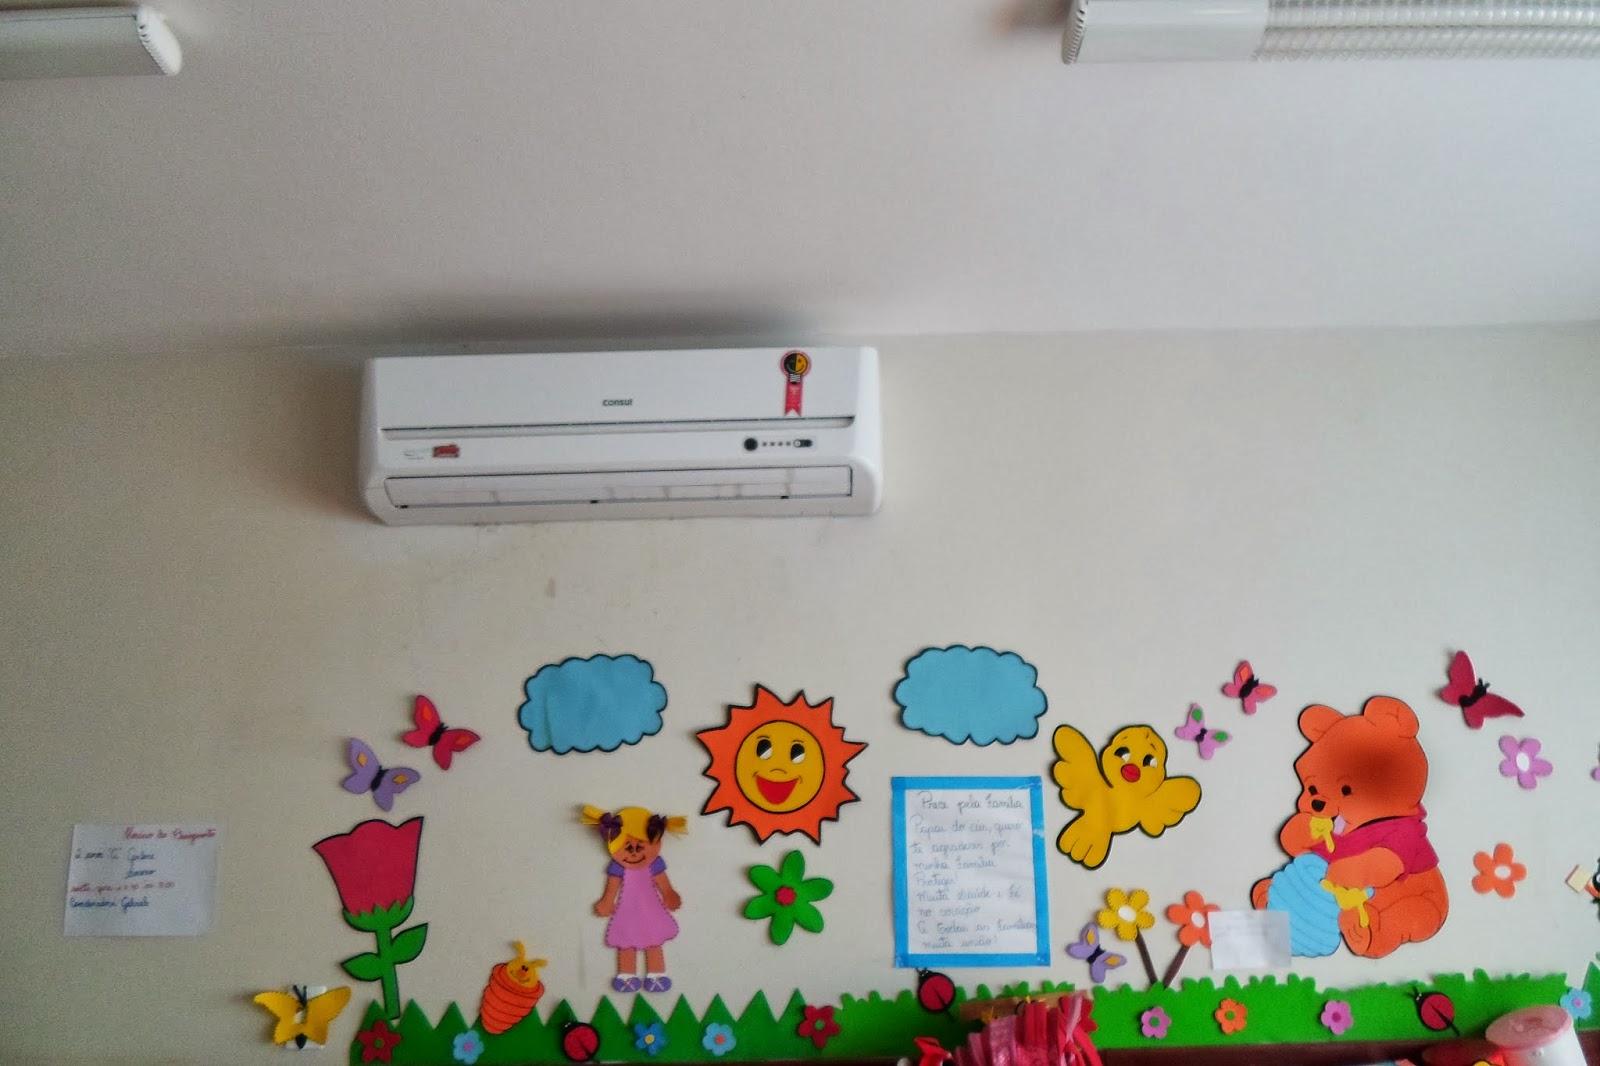 Imagens de #B97412 ESTRUTURA DA CRECHE ~ CEI Ana Marcelo Antunes CEI AMA 1600x1066 px 3336 Blocos Autocad Banheiro Para Deficientes